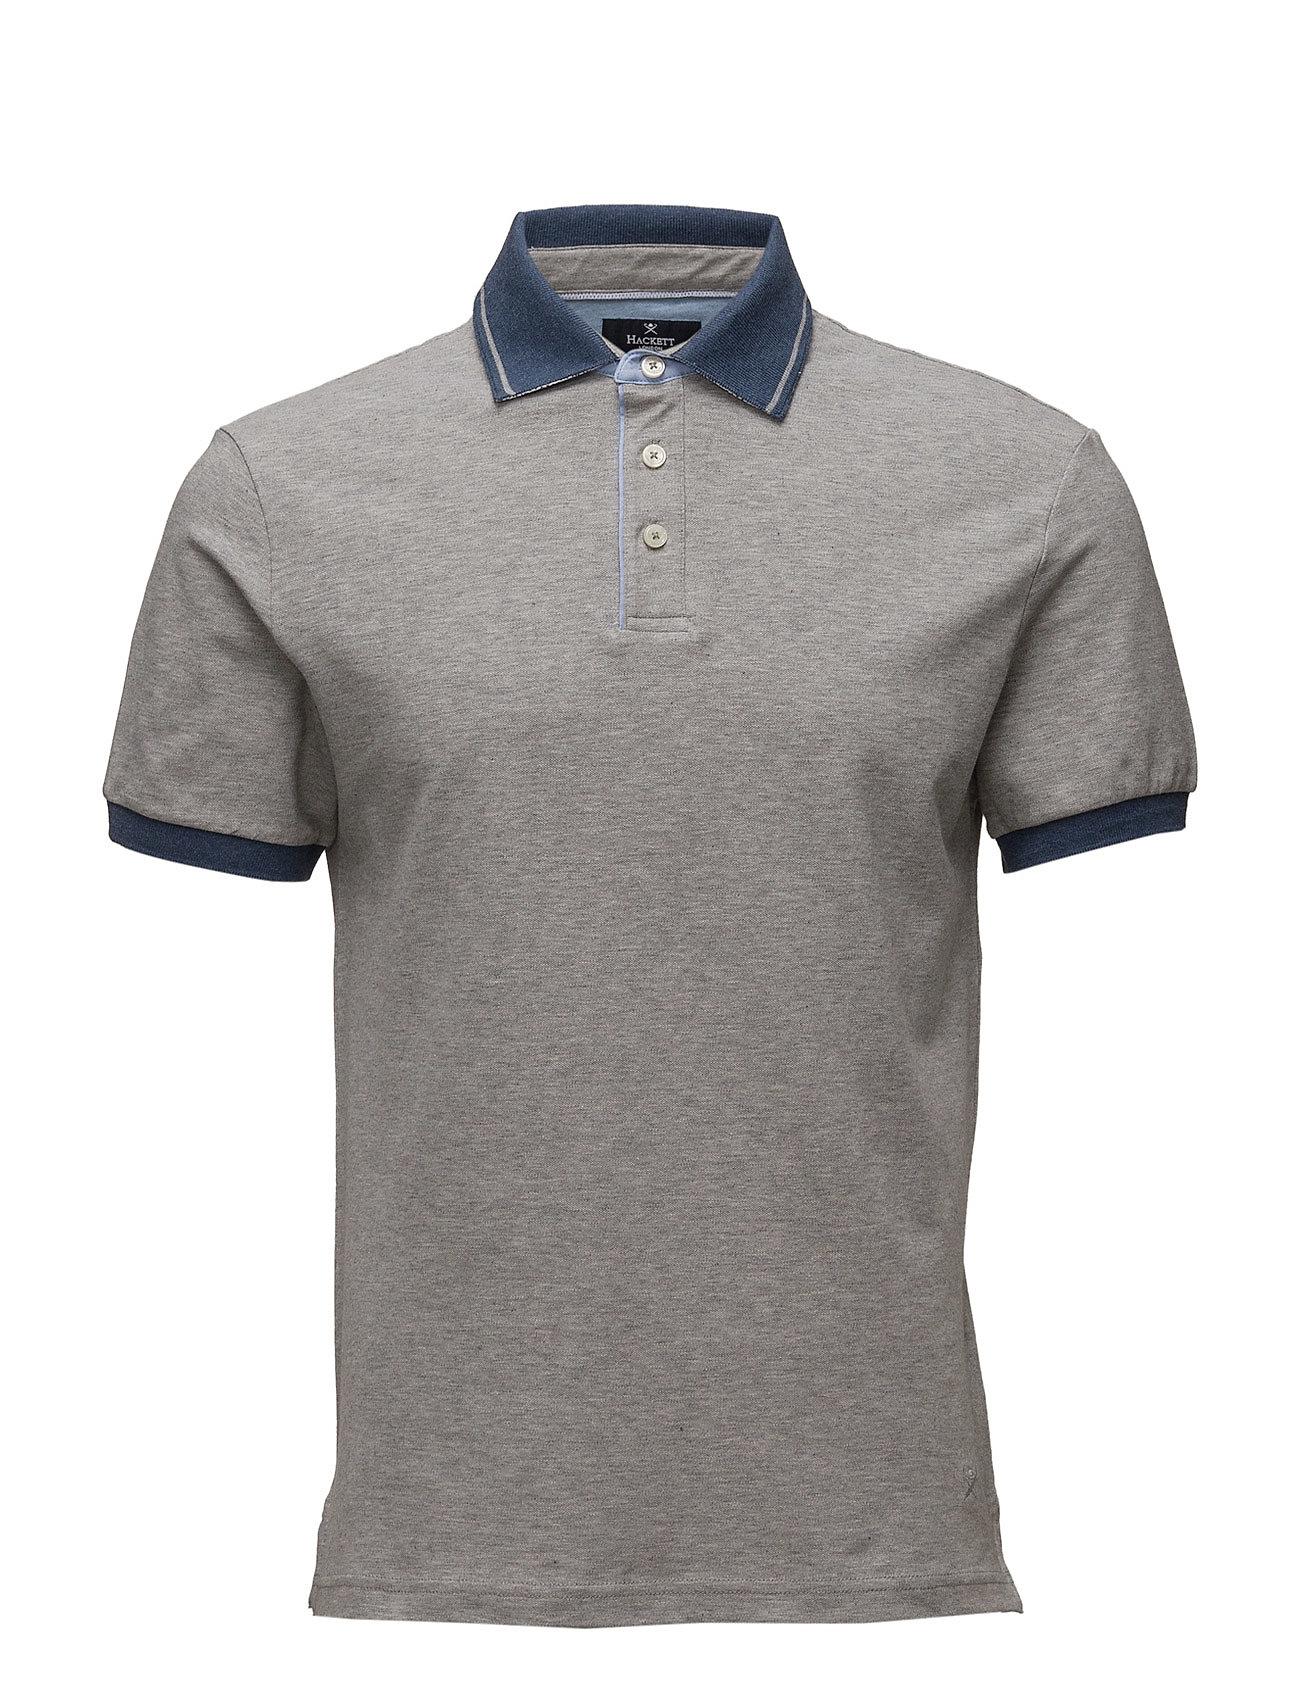 Print Undercllr Hackett Kortærmede polo t-shirts til Herrer i